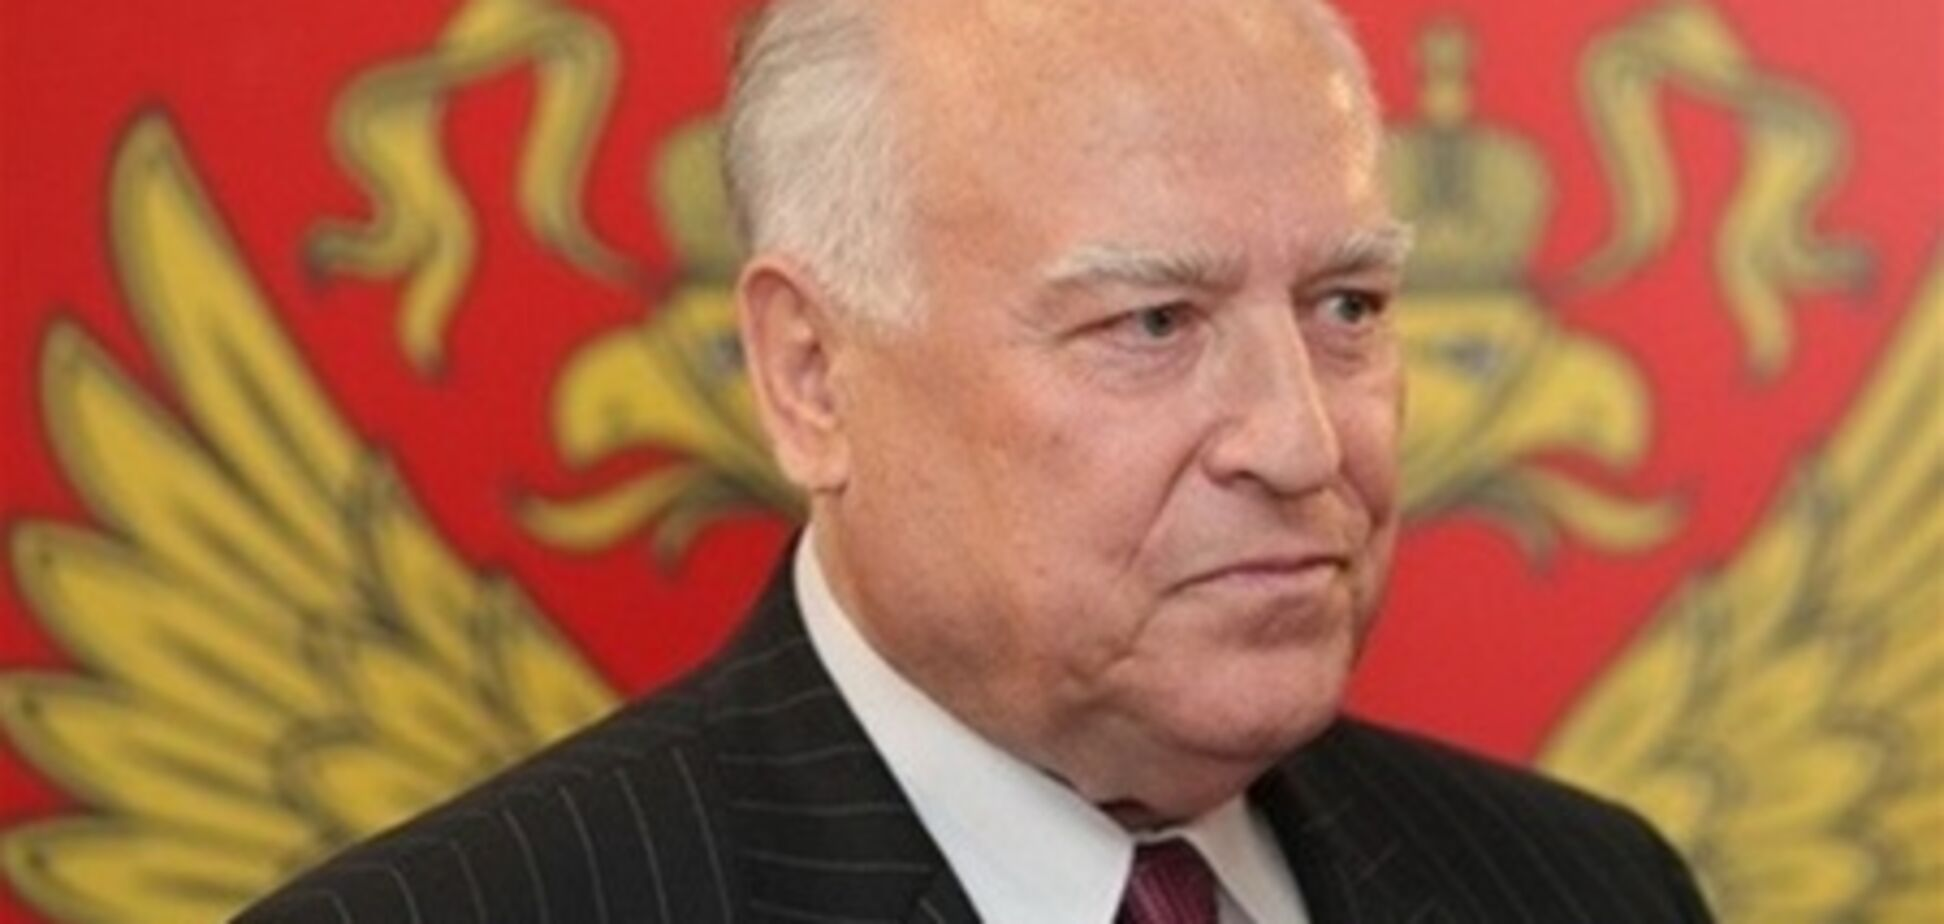 Лавров: Черномырдин не дал отношениям с Украиной 'просесть до конца'